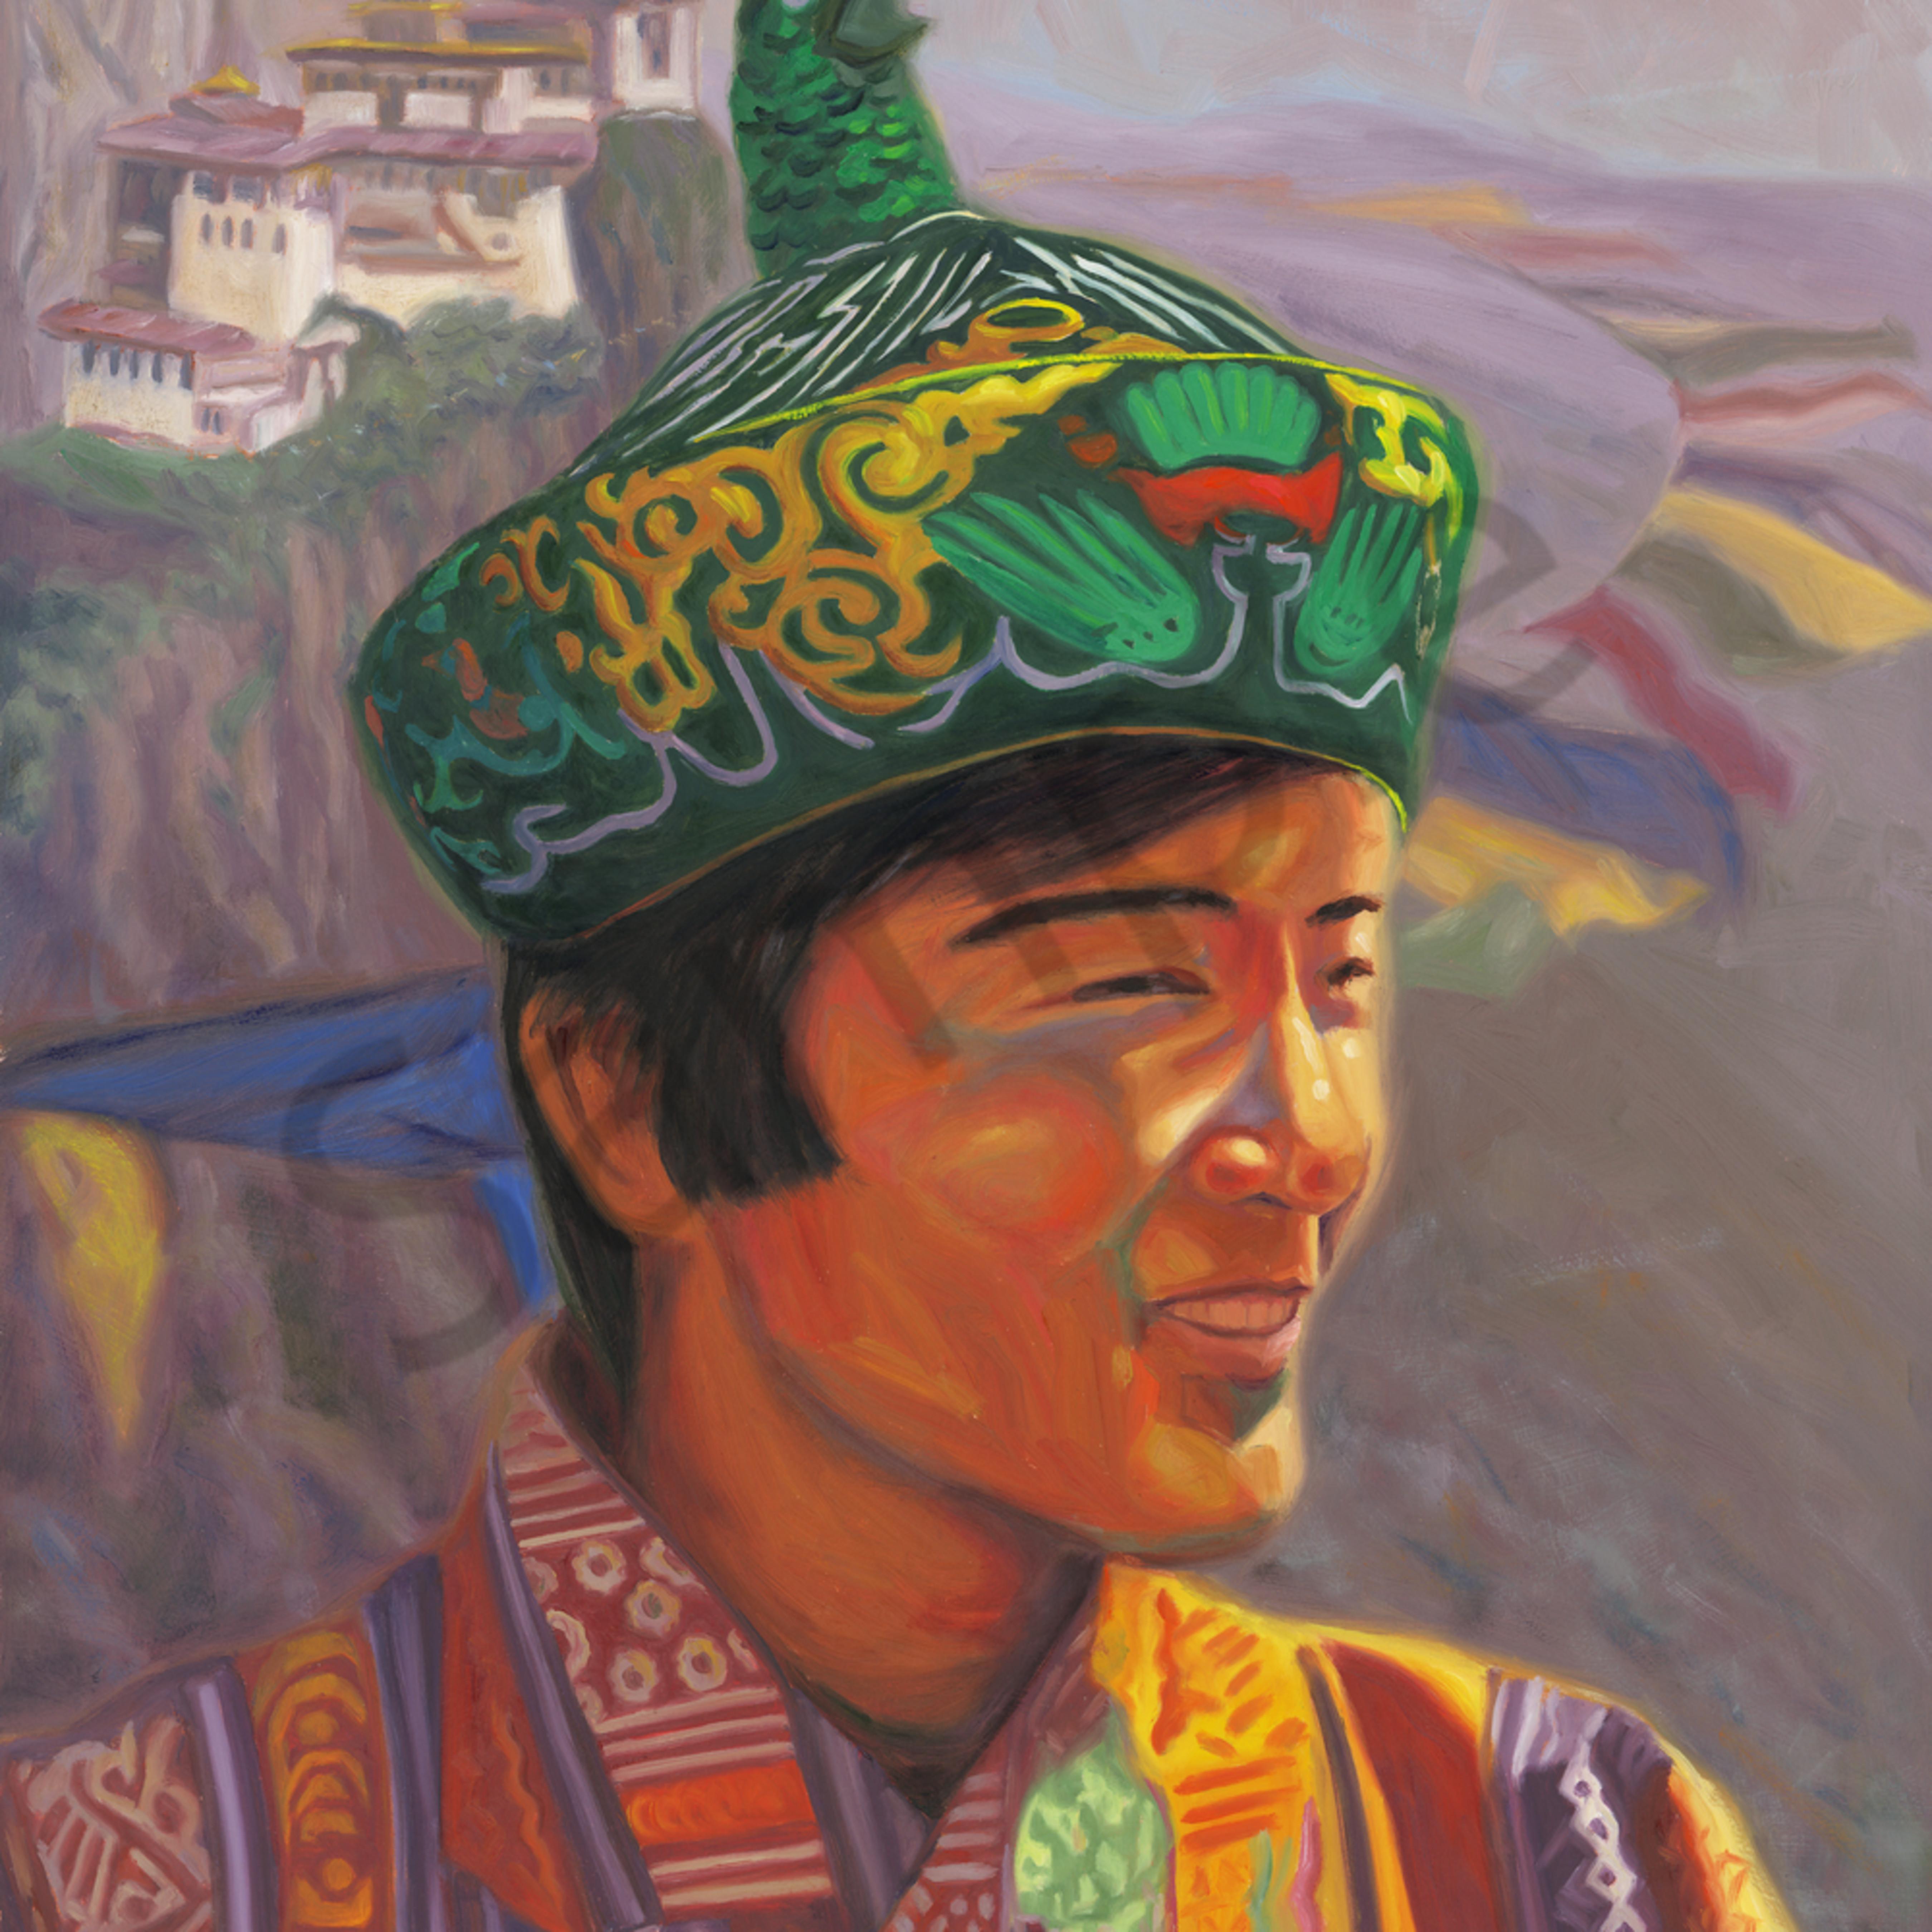 King of bhutan bnybsh